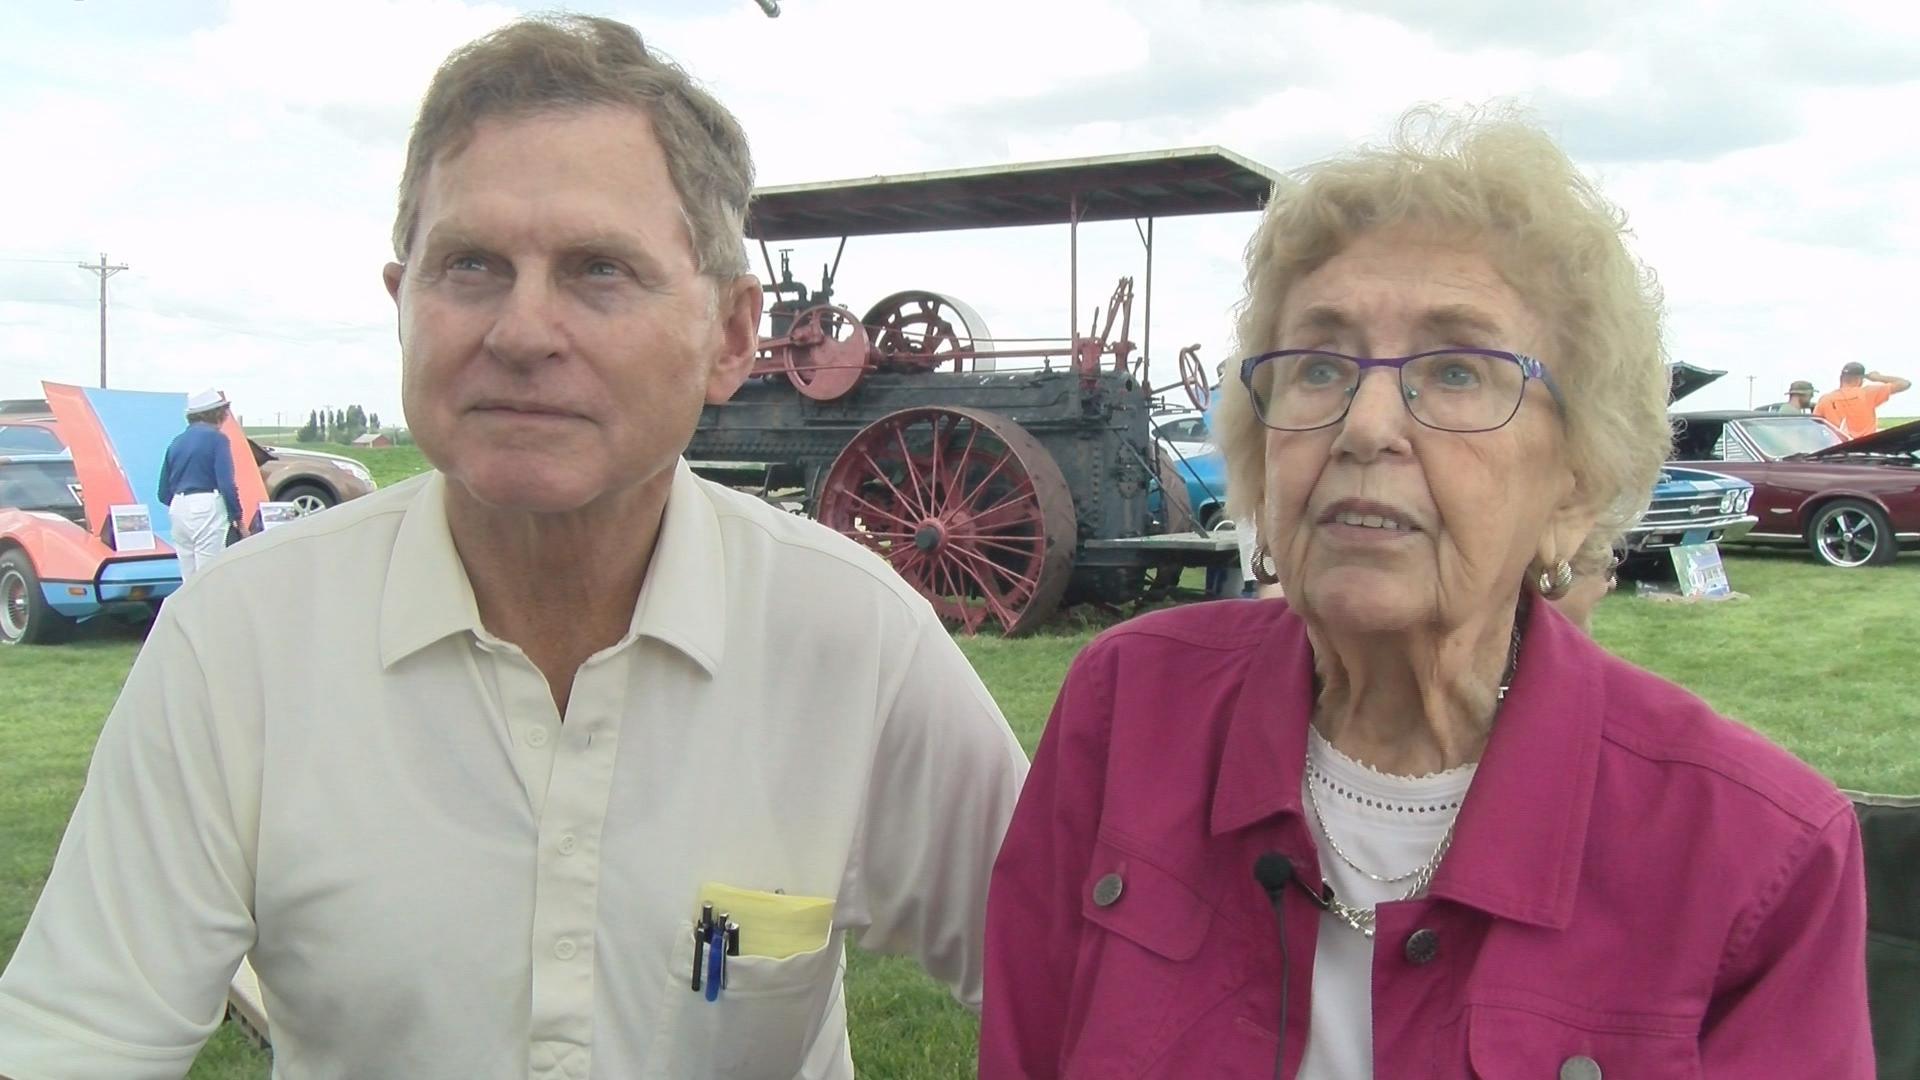 Paul Hundt and Arlene Schmidt